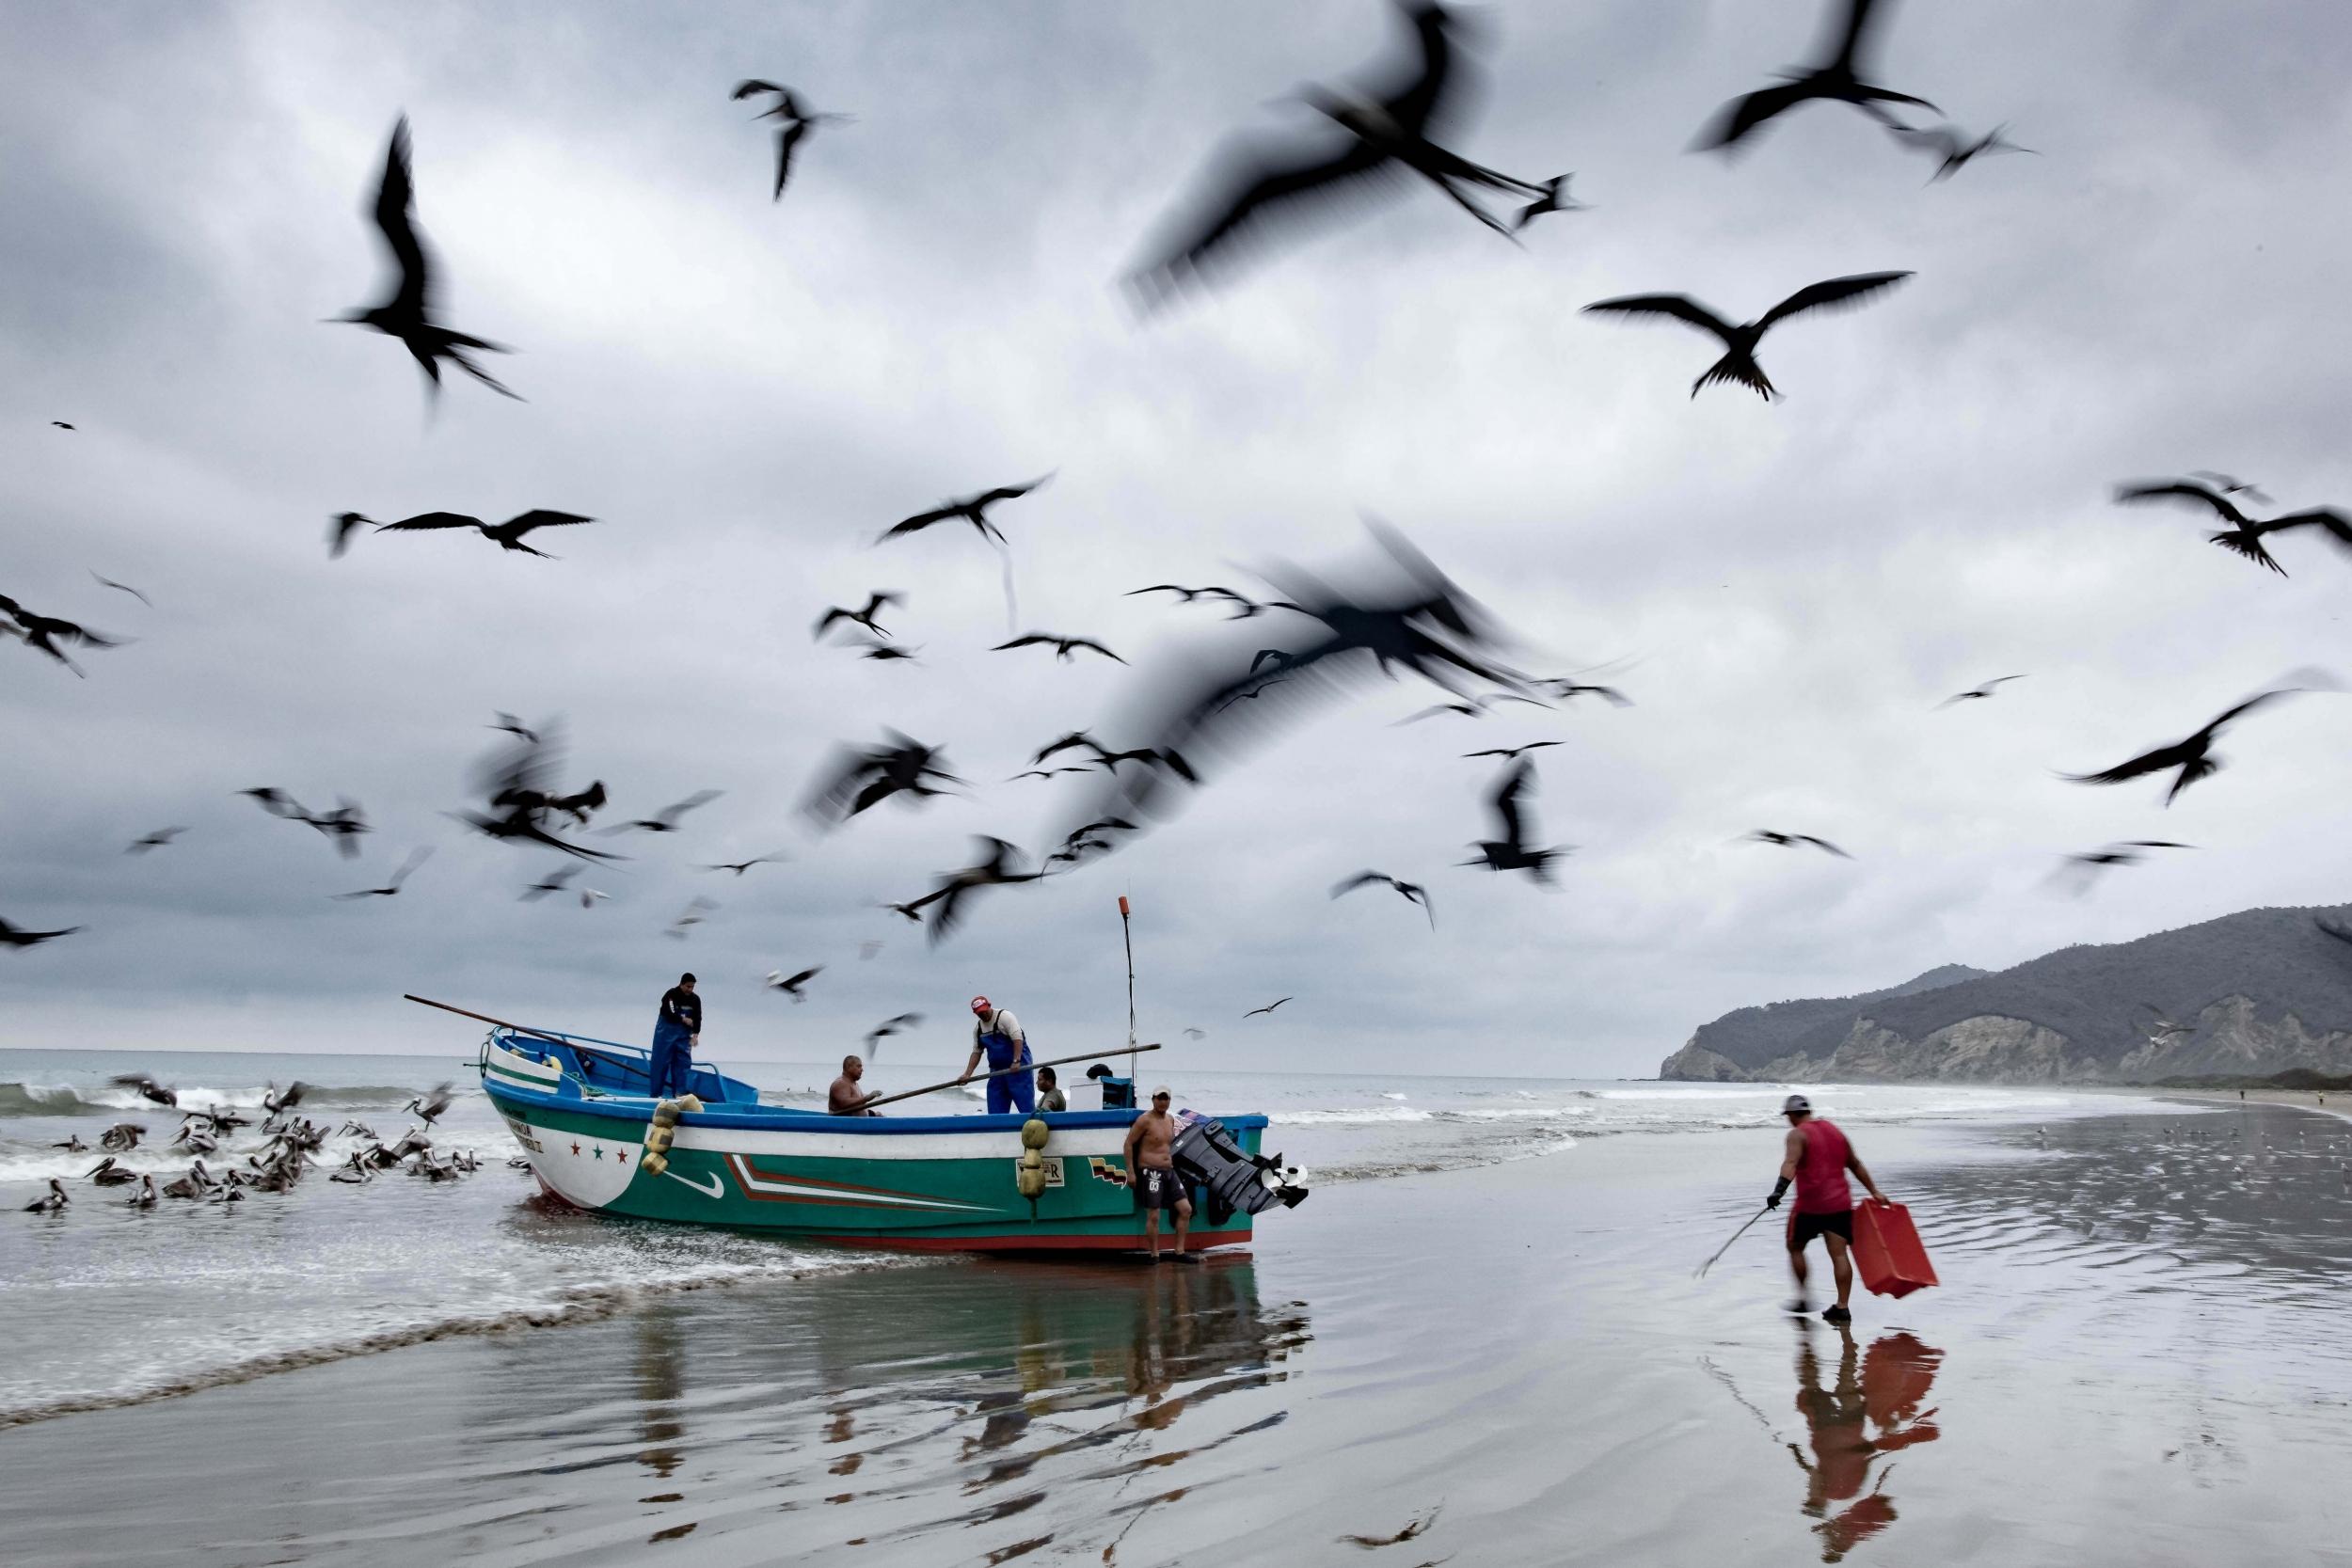 Puerto Lopez, Côte Pacifique, Equateur, Isla de la Plata, Fous à pieds bleus, Blog de voyage, Blog de photographie, Voyage en Equateur